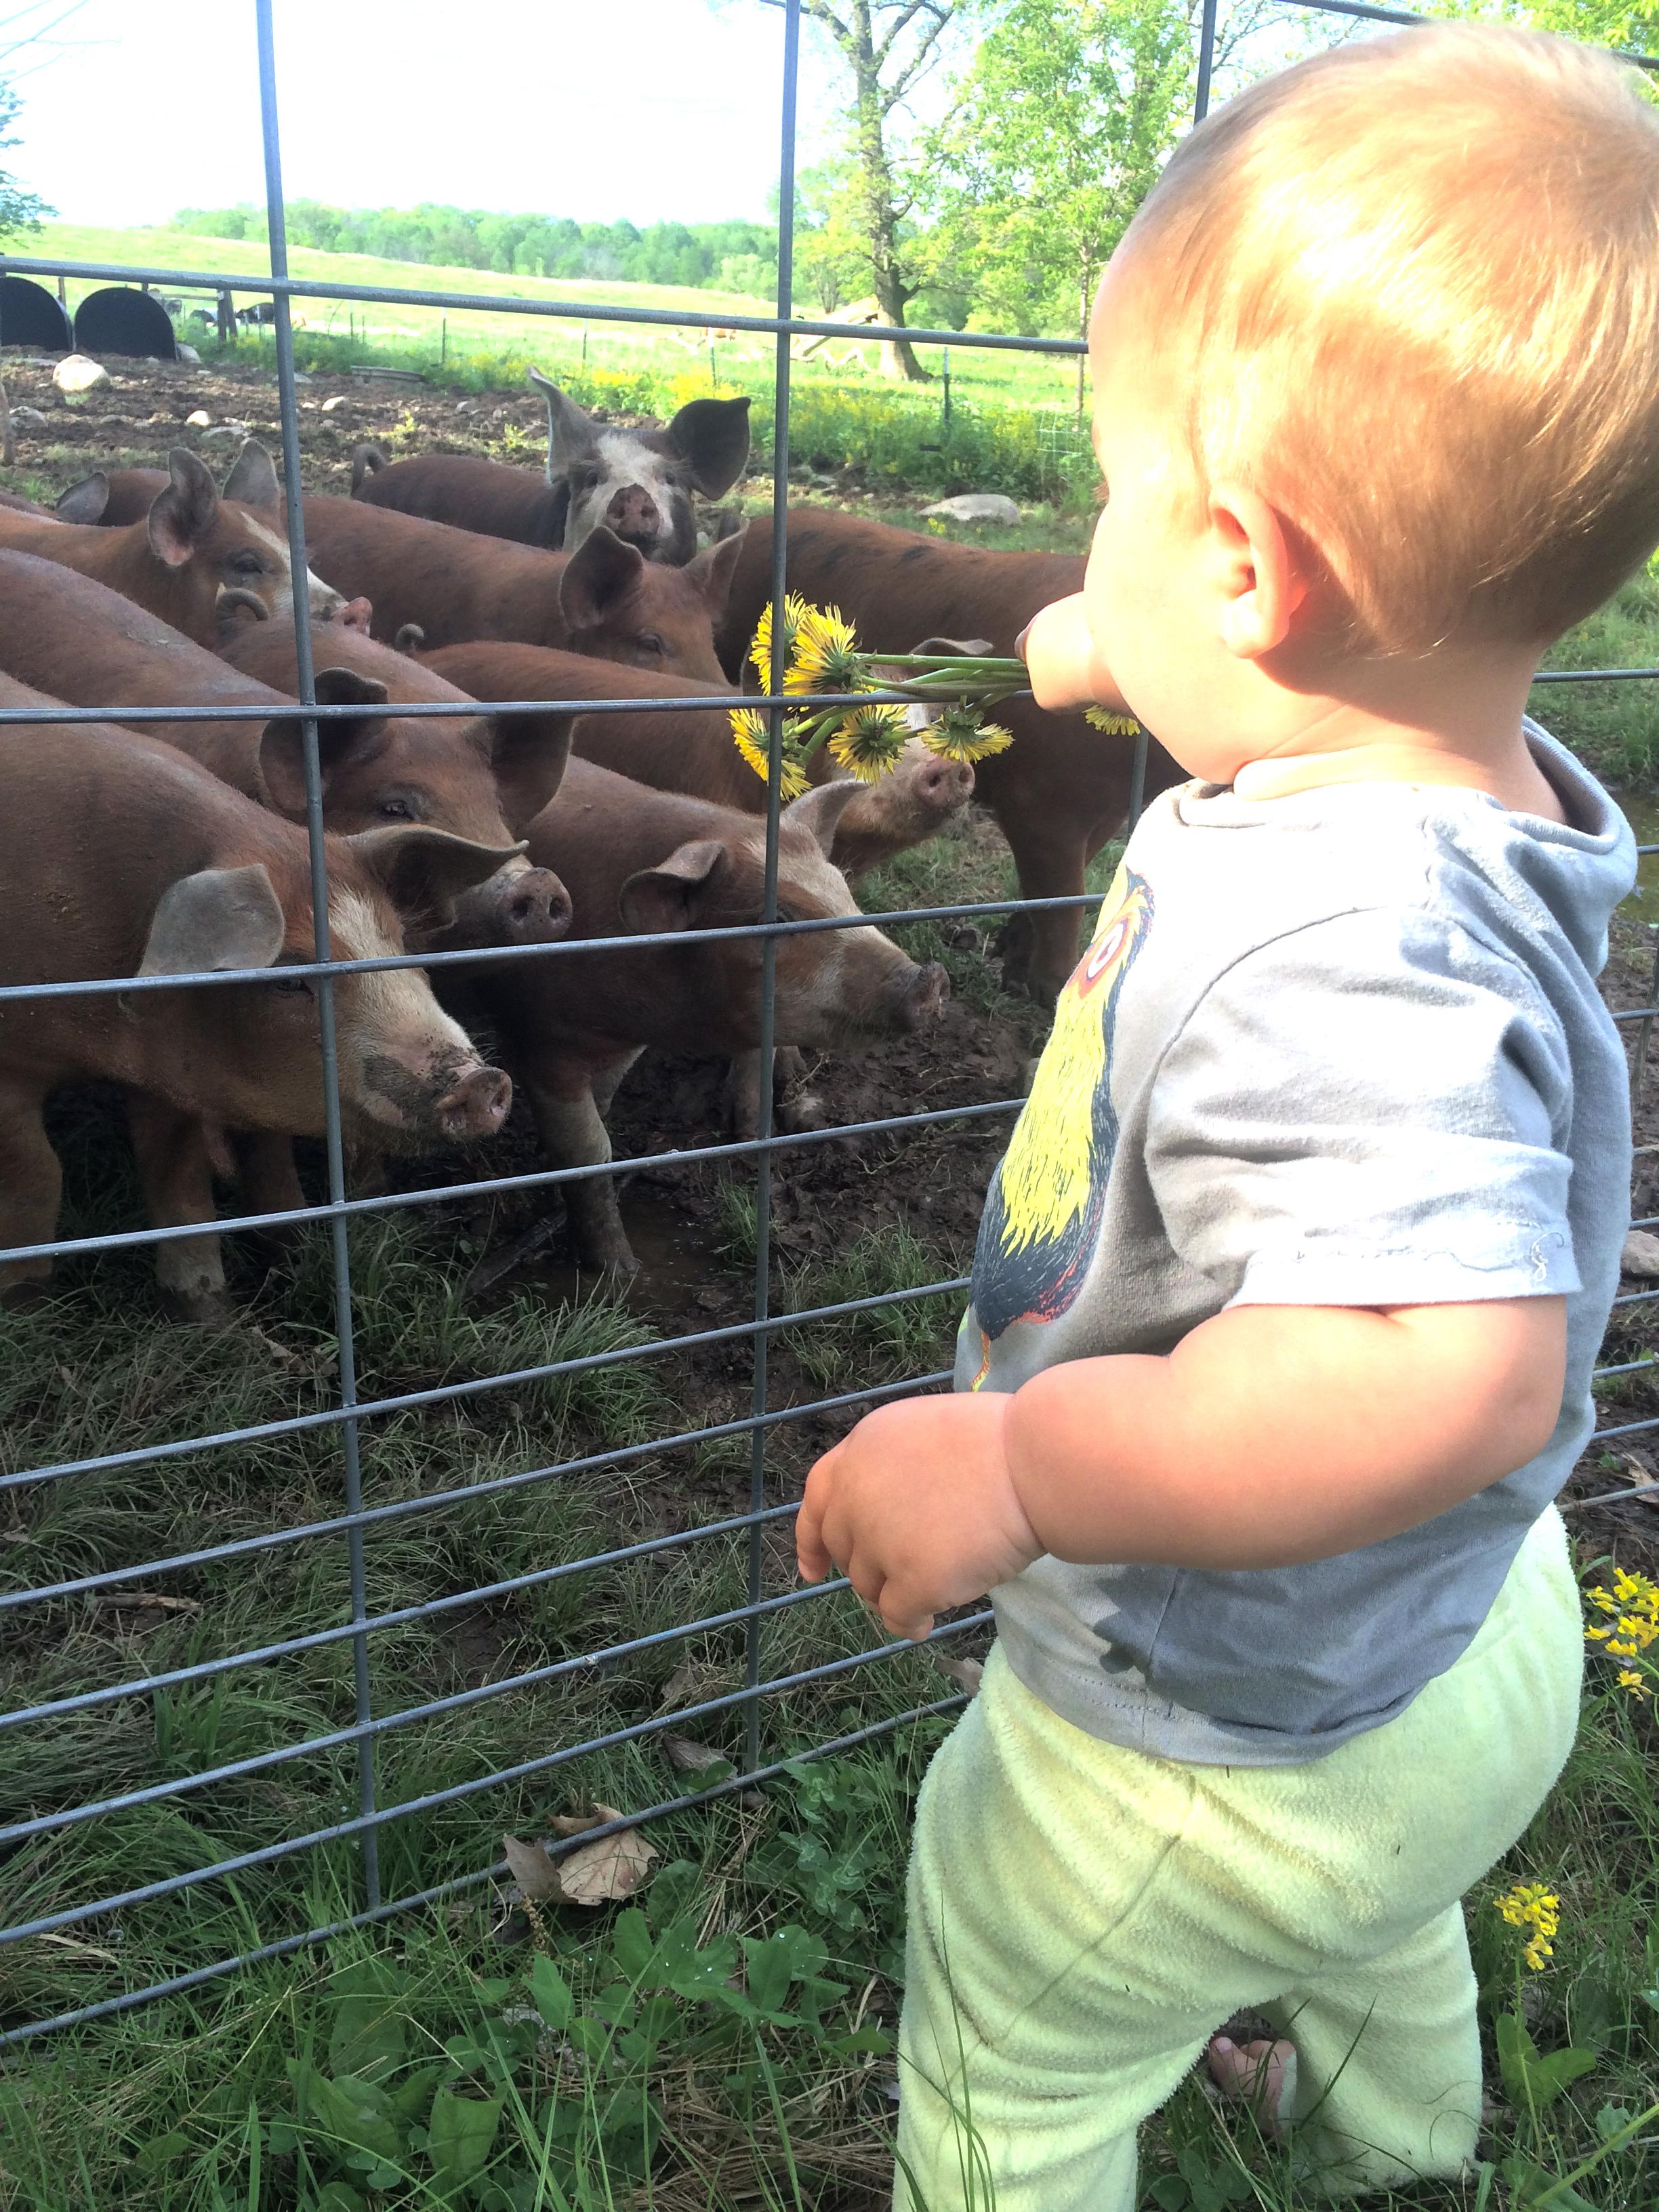 Sadie feeding the pigs dandelions.